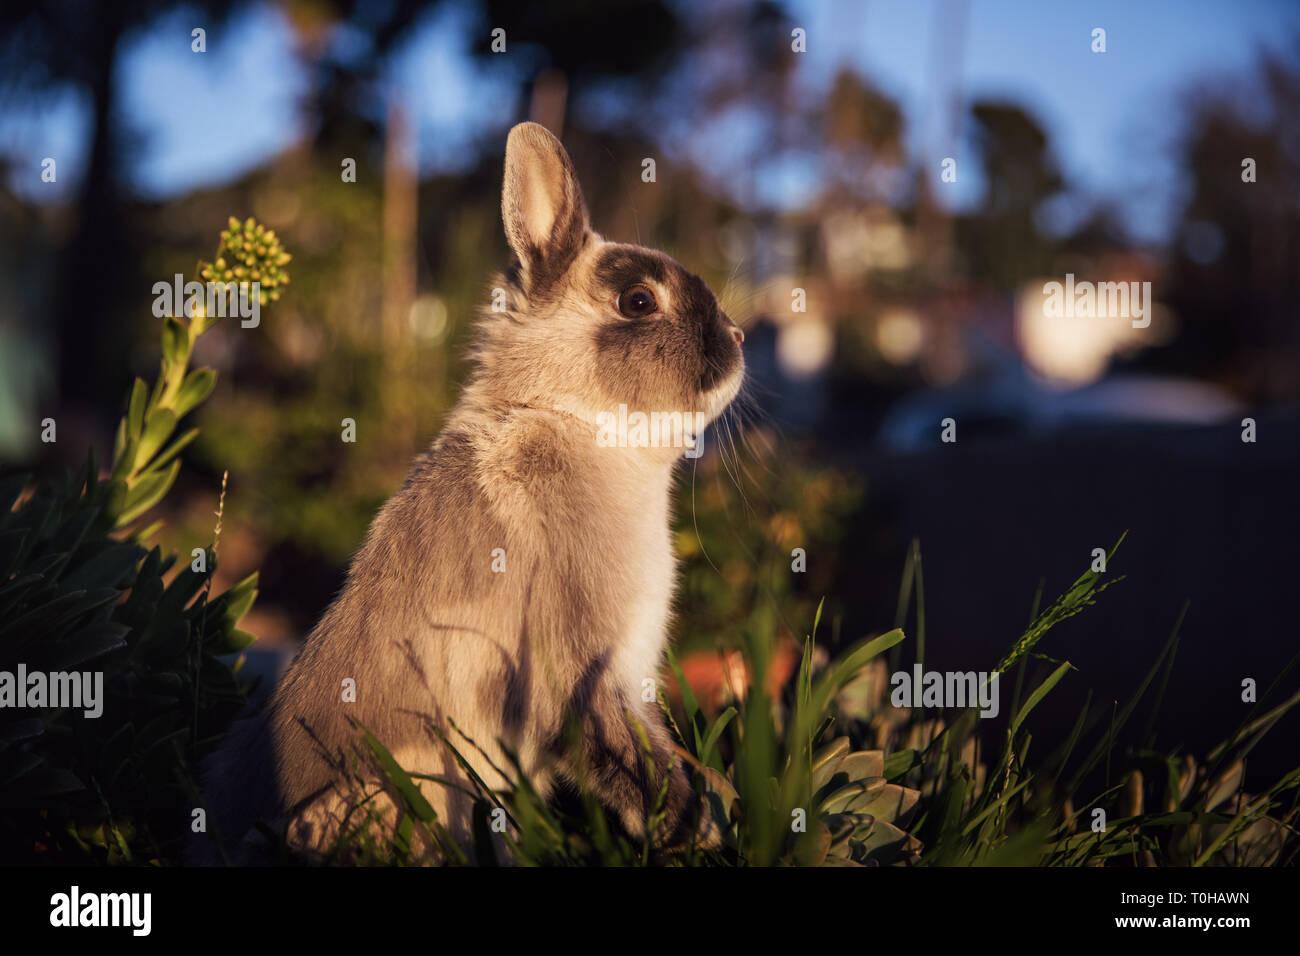 Un lapin nain gris et brun debout sur ses pattes dans un jardin, à la sculpturales. Banque D'Images